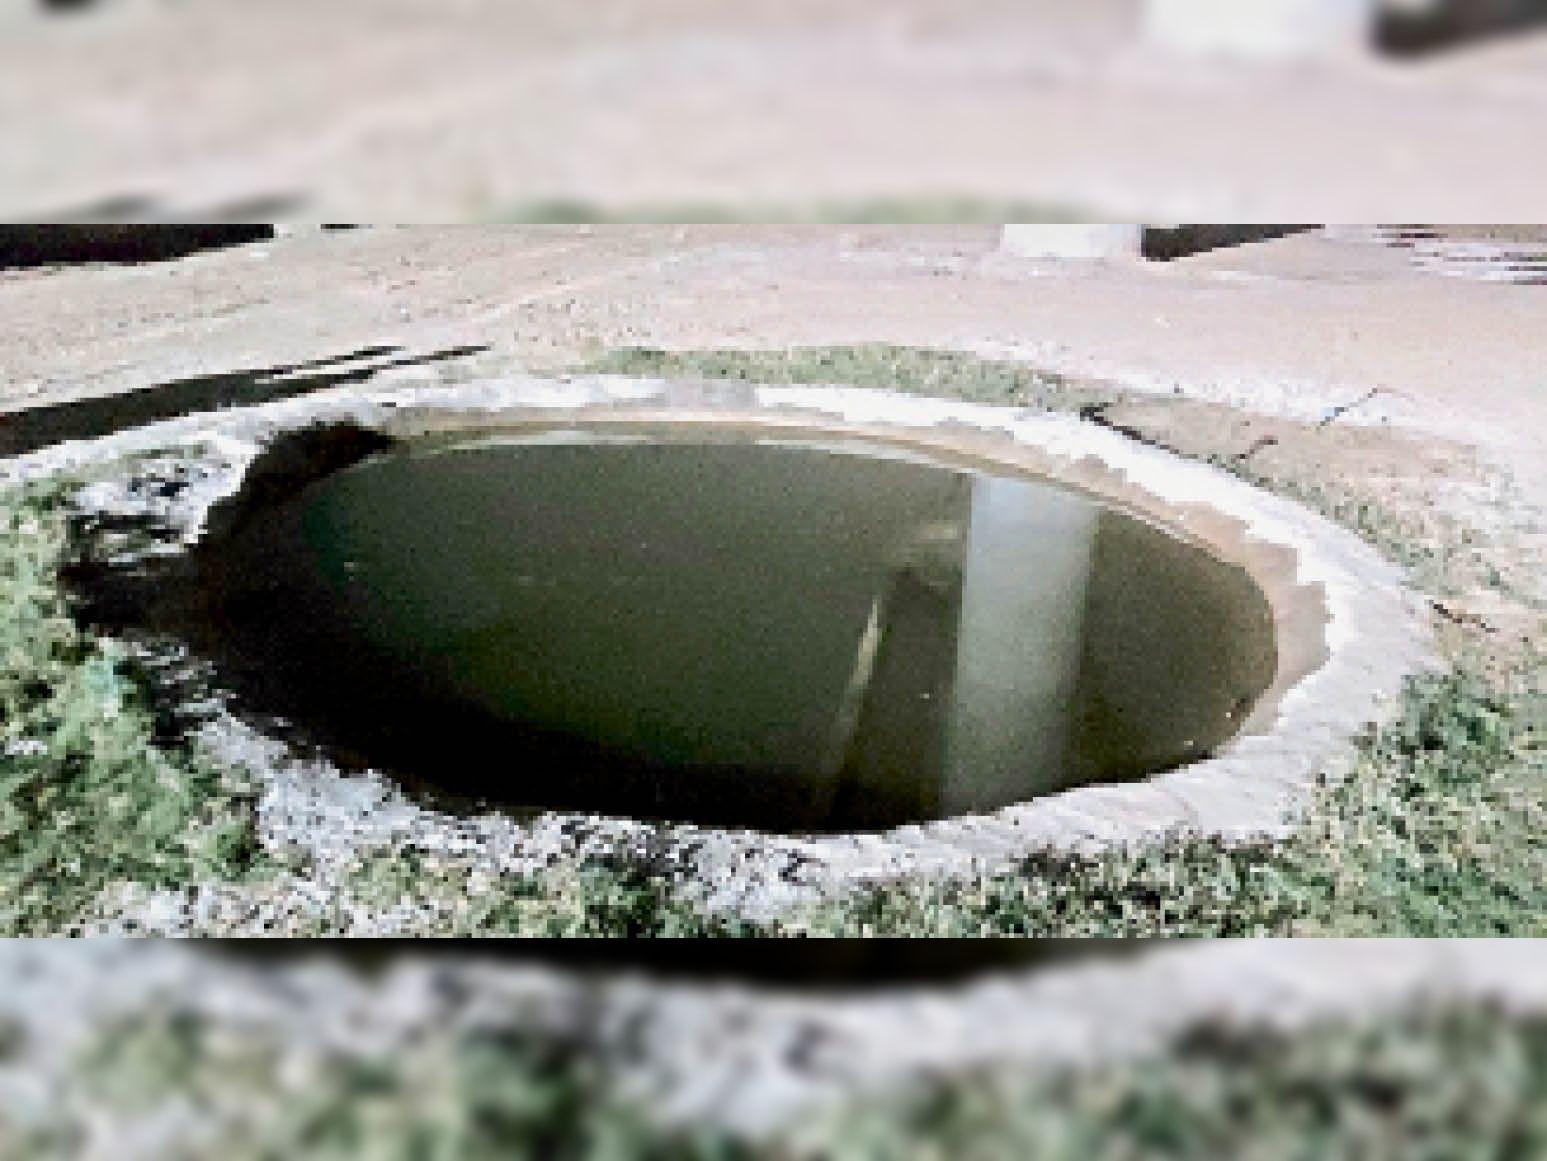 निर्माण स्थल पर पानी स्टोर करने के लिए इस तरह बनाया गया है गड्ढा, जिसकी कोई घेराबंदी नहीं है।